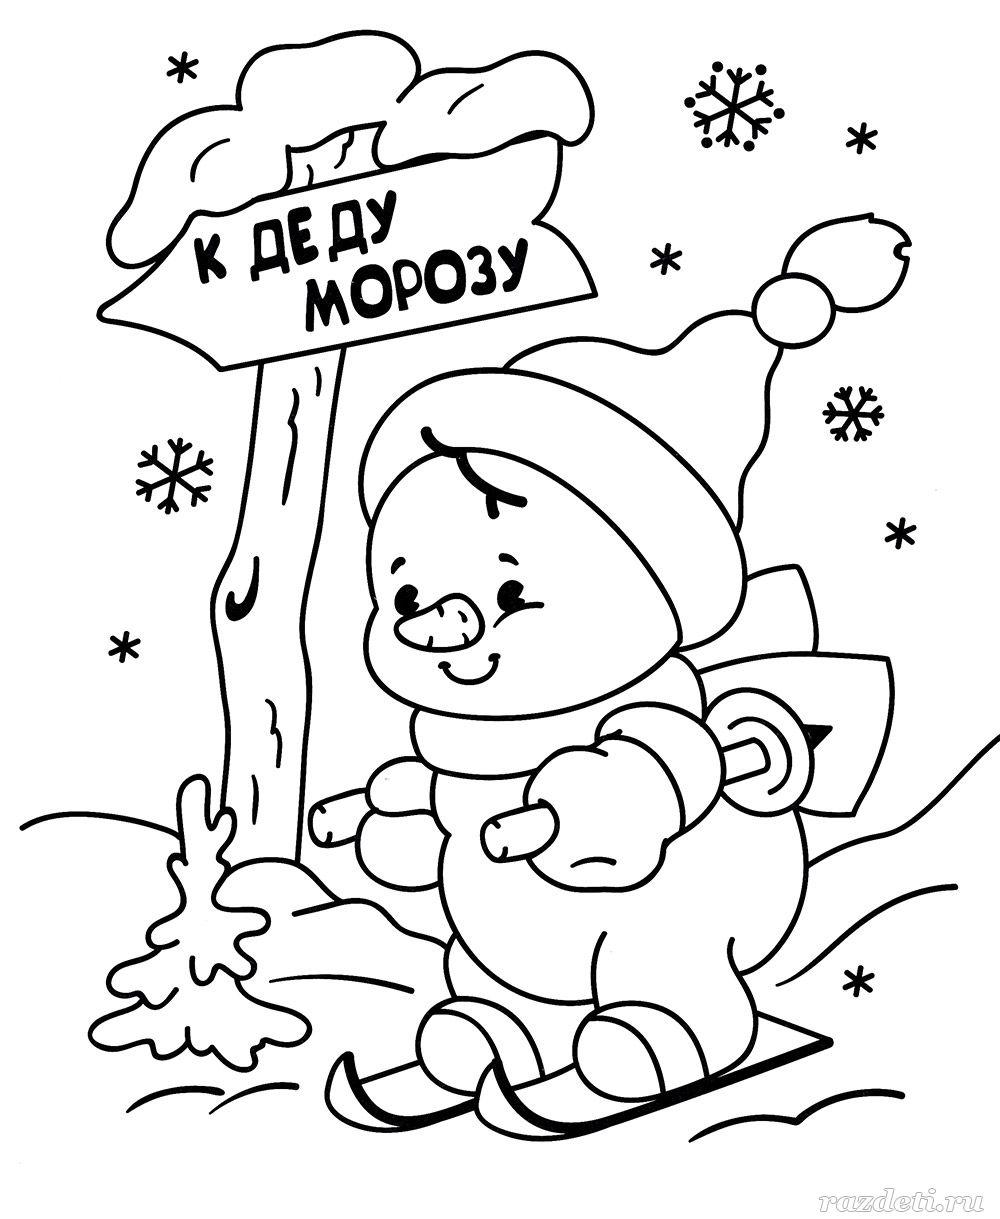 Новогодняя раскраска для детей 4-6 лет. Снеговик